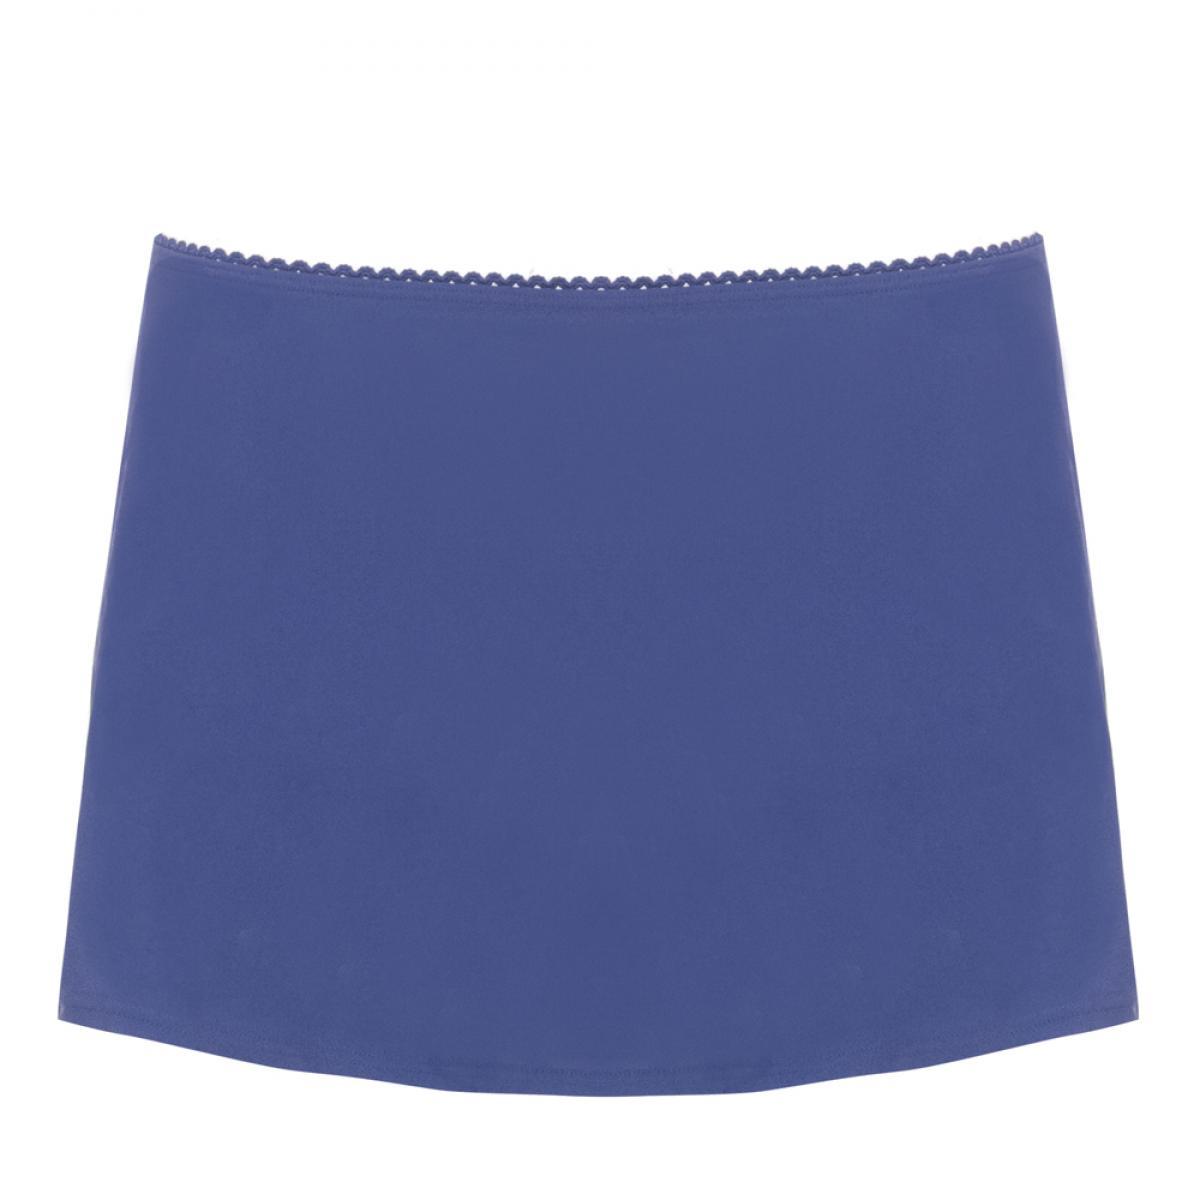 Jupette de bain bleue curvy kate maillot lemon curve for Bain s curve